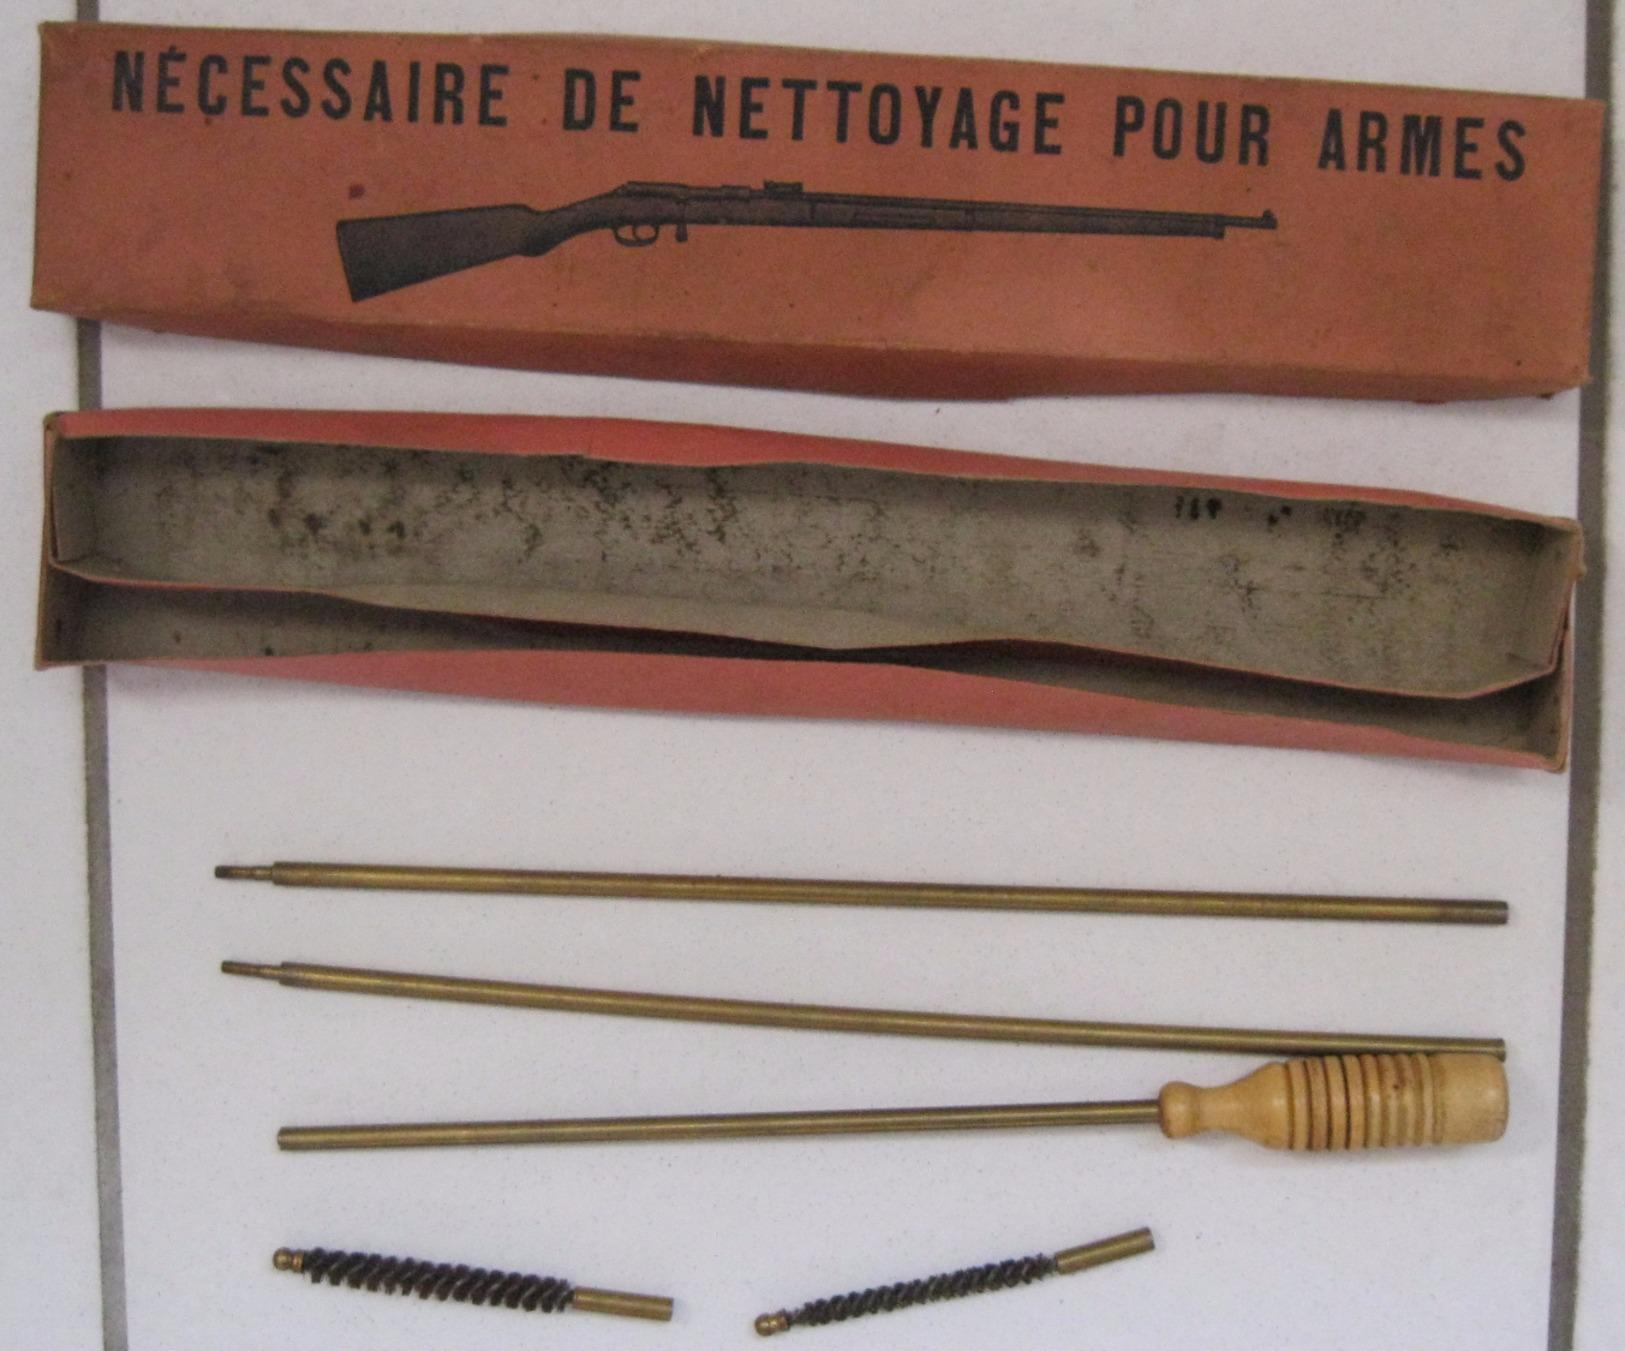 Lot De Baionnettes, Machette, Sangle, Ustensiles De Nettoyage Armes - Armes Blanches